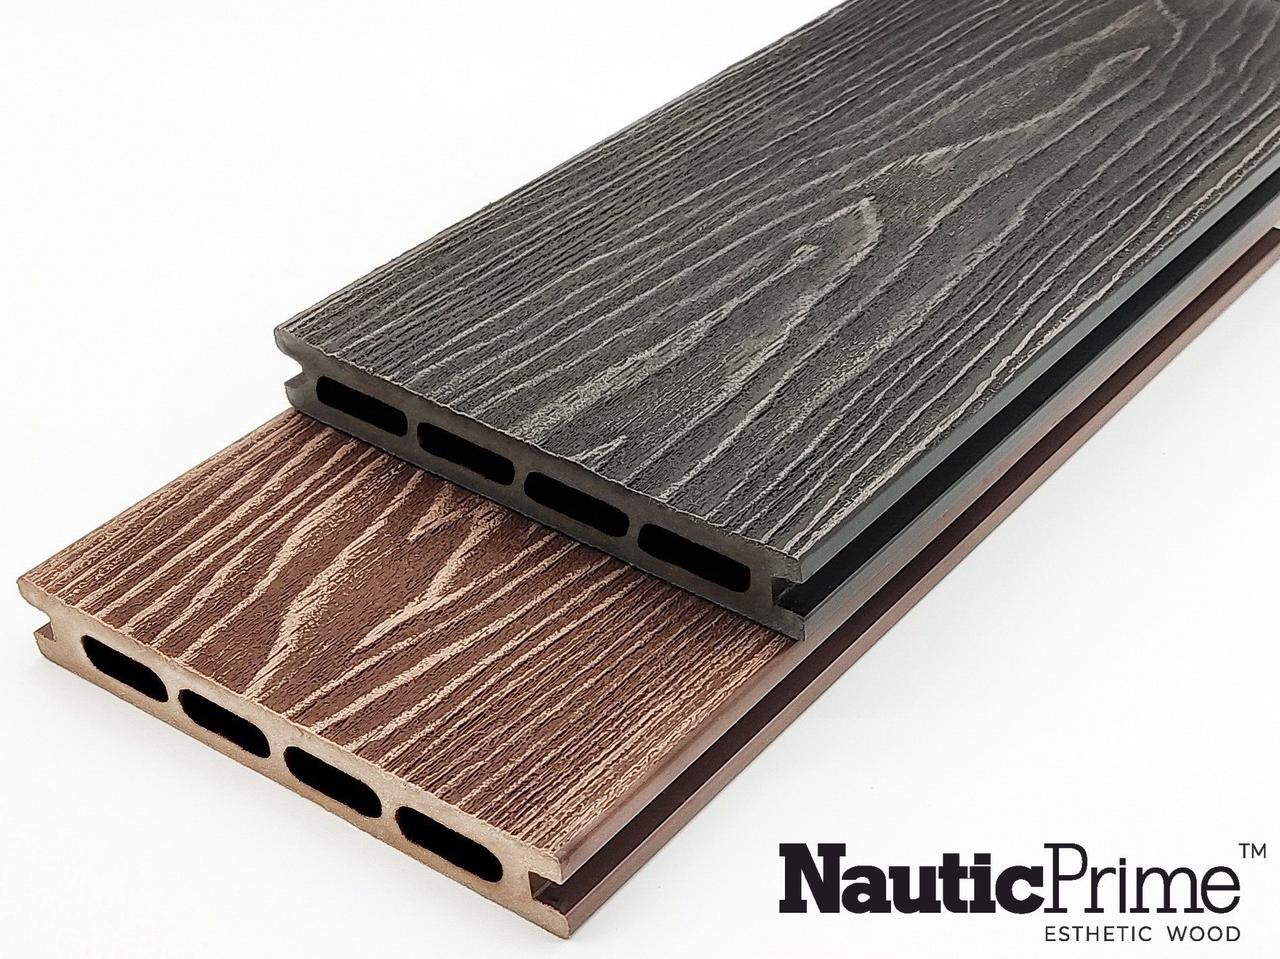 Террасная доска NauticPrime (Light) Esthetic Wood 24*150*4000мм